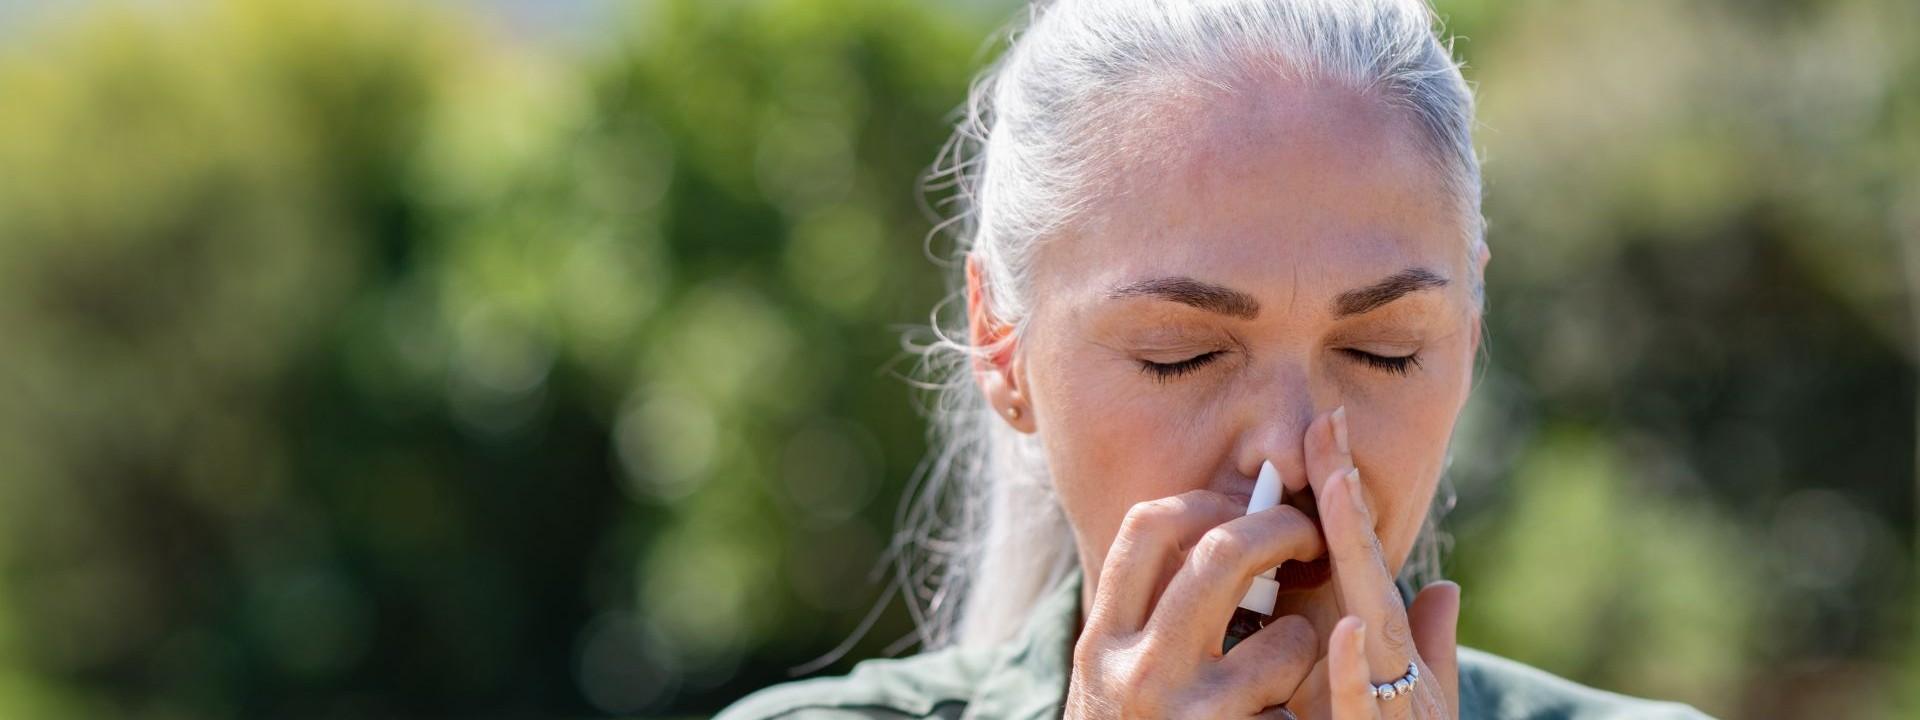 Eine etwa 50 jährige Frau steht in der Natur und hat die Augen geschlossen. Sie hat beide Hände im Gesicht und führt sich ein Nasenspray in die Nase ein.